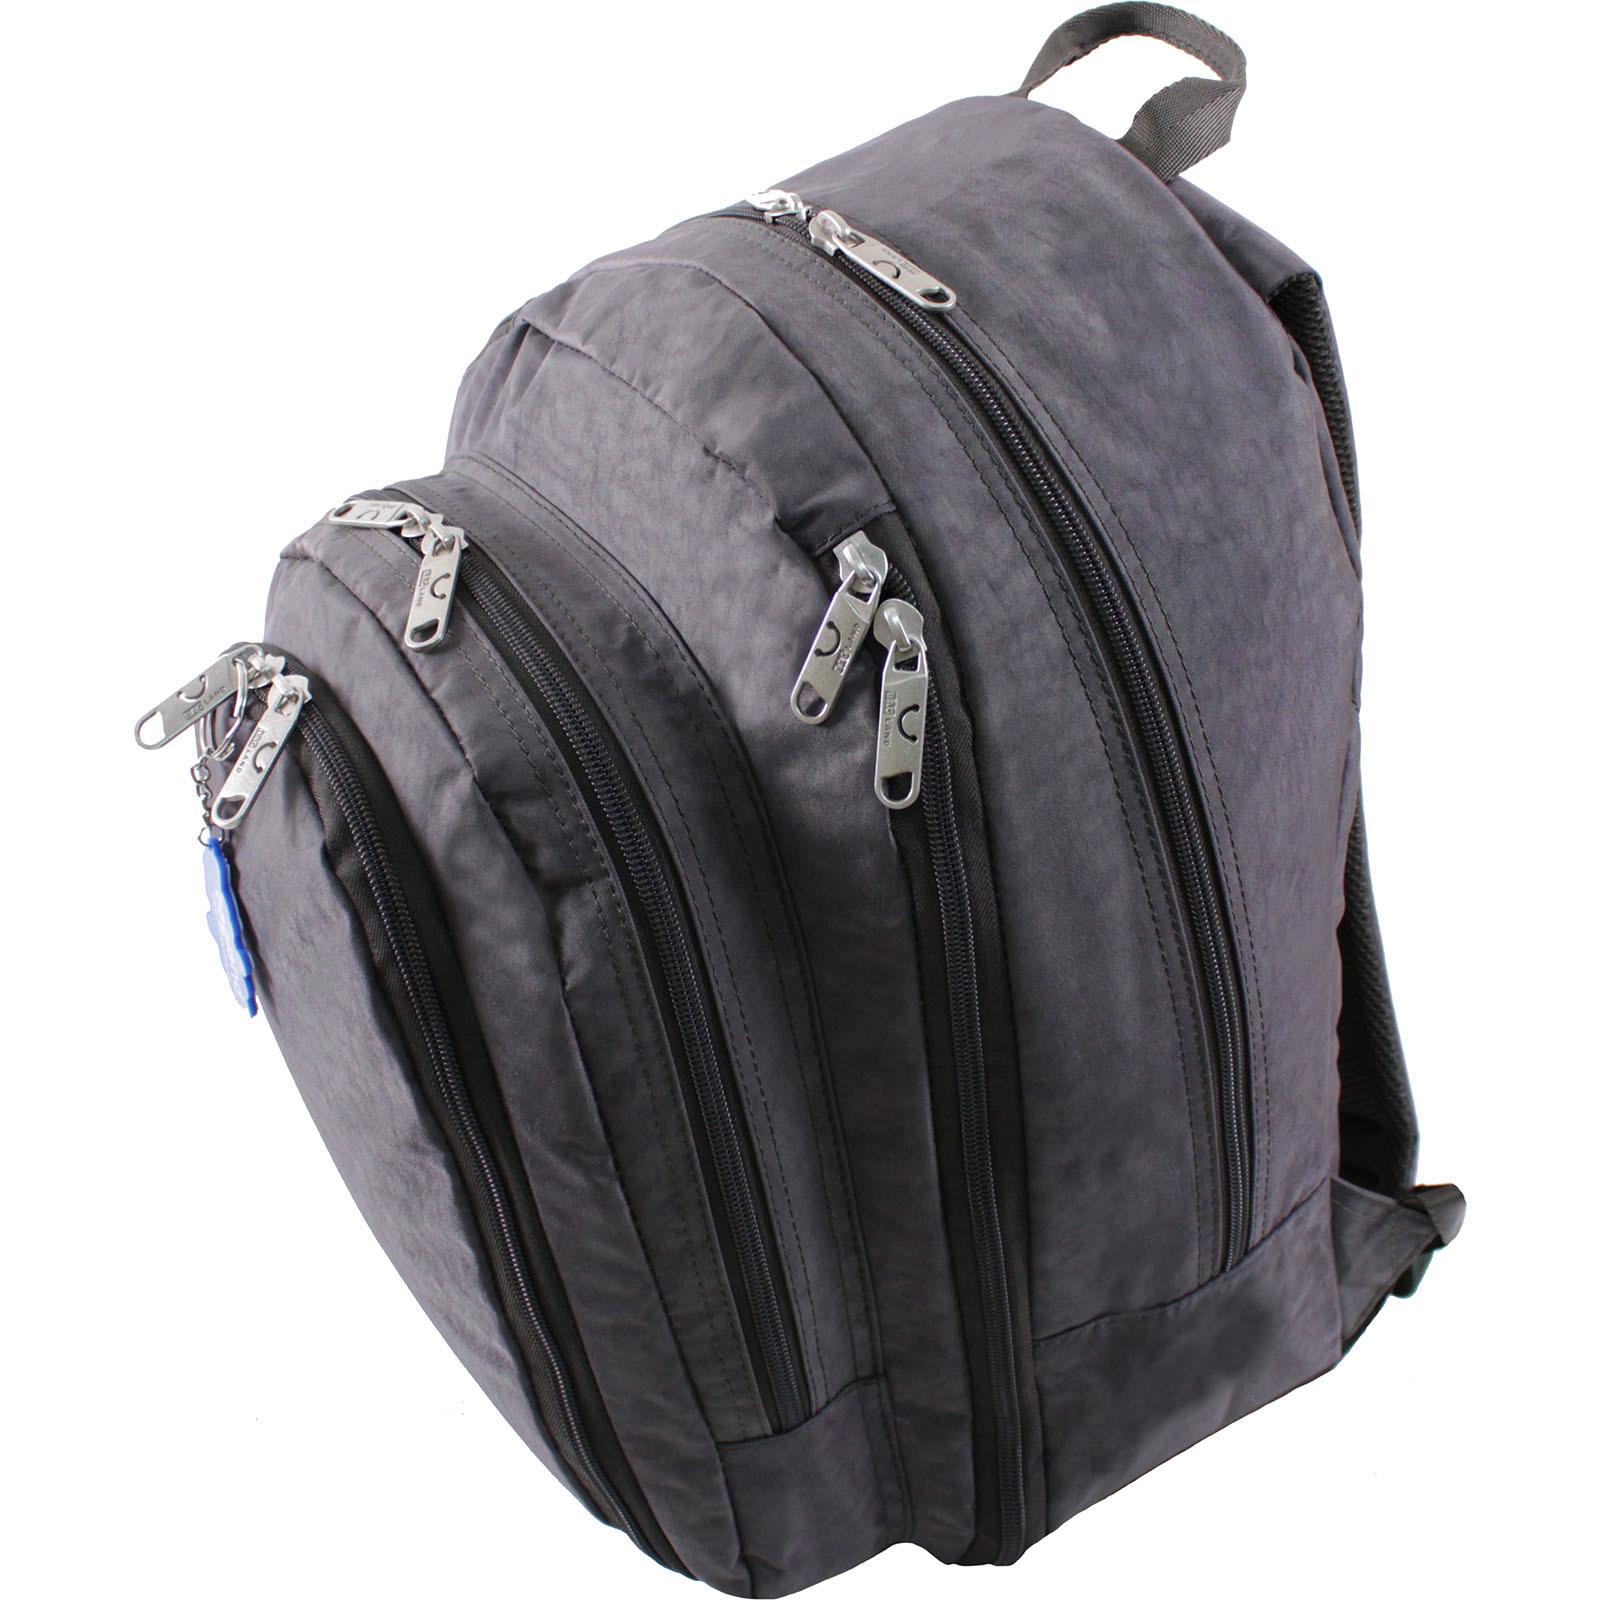 Рюкзак Bagland Раскладной большой 32 л. Хаки (0014270)